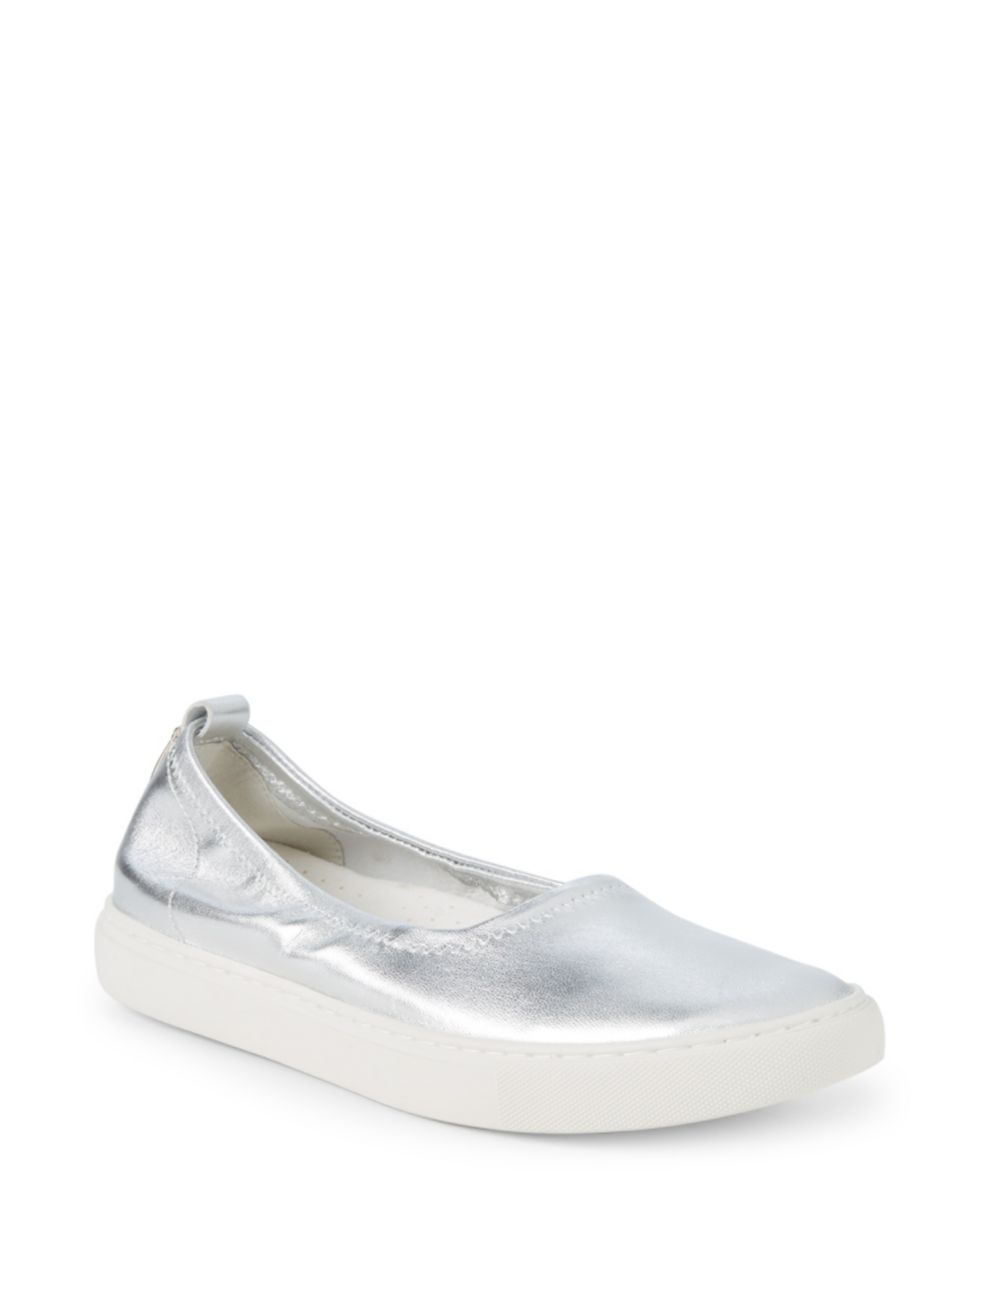 Nuevo Mujer Kenneth Kenneth Kenneth Cole Kip 8.5 ortótica Cuña Zapatillas De Ballet Plano Nuevo en Caja De Cuero  Venta al por mayor barato y de alta calidad.